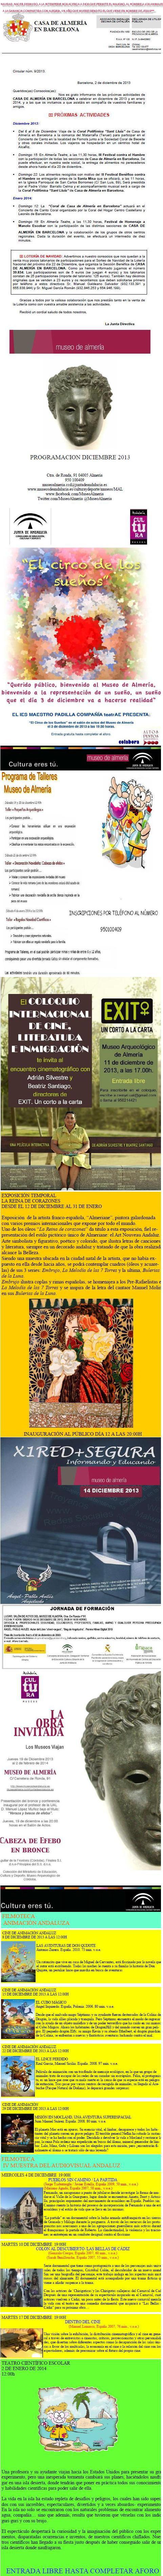 20131204200917-circular-n-8-diciembre13-con-bon-nadal.jpg